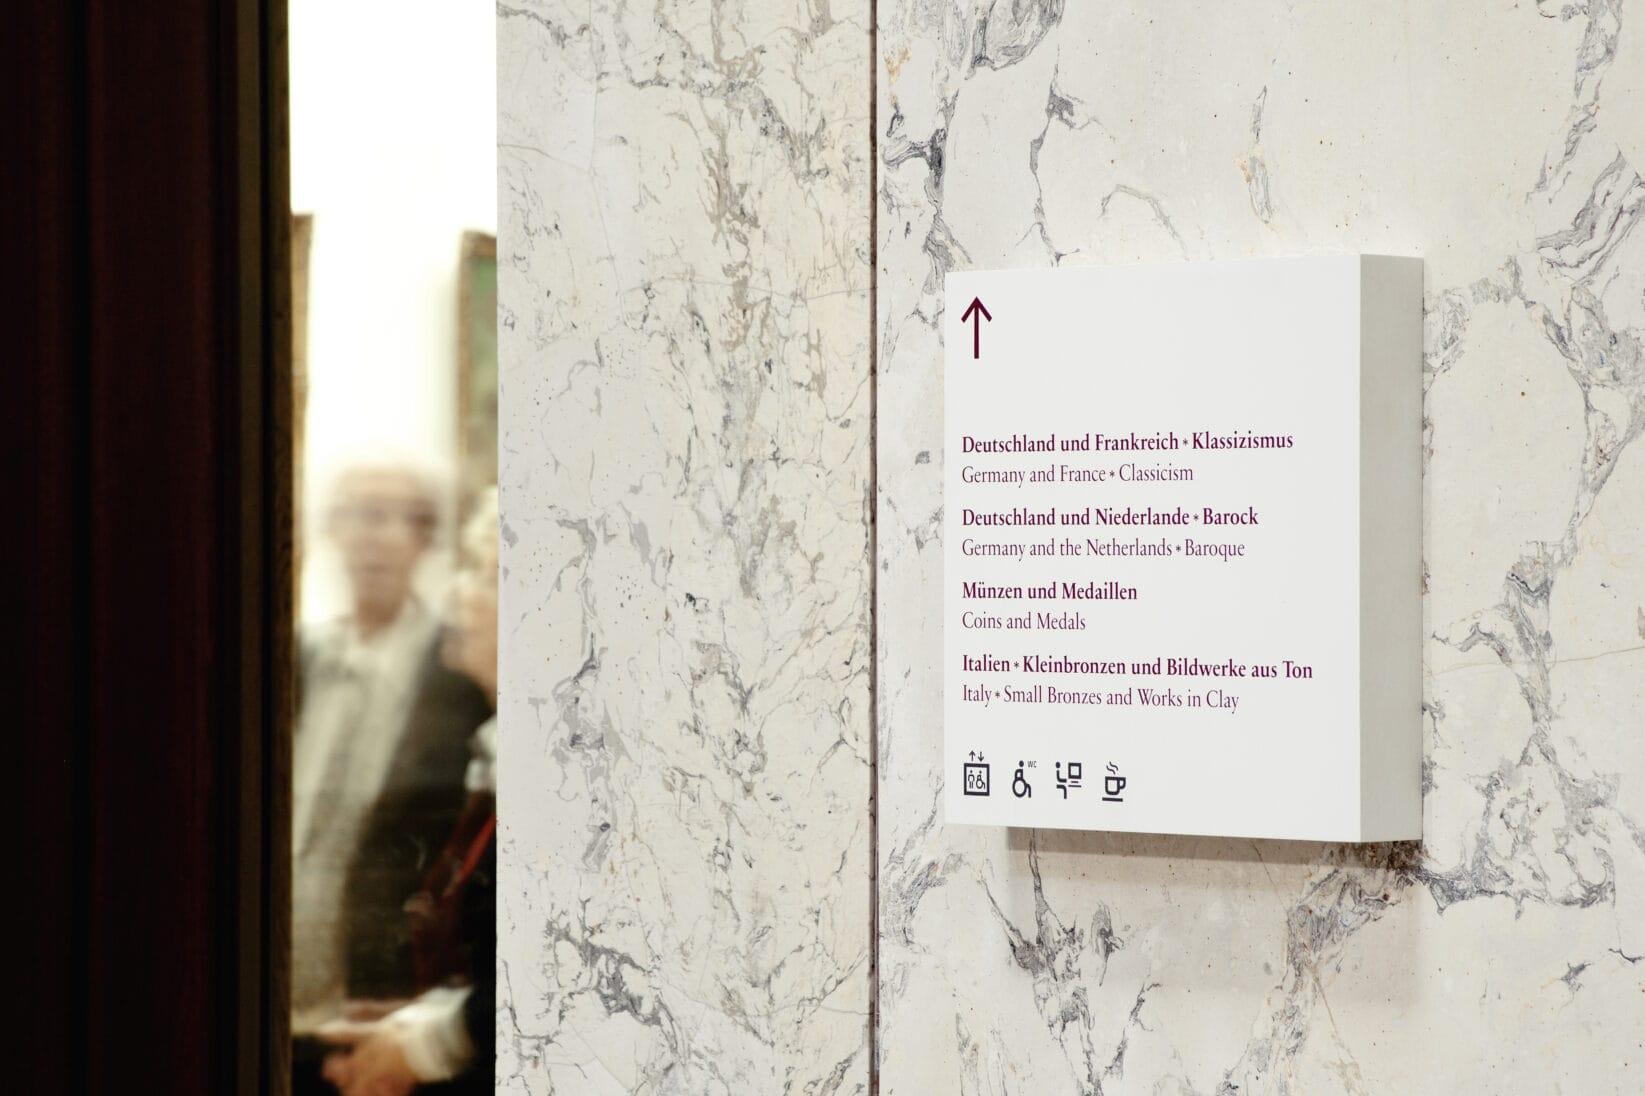 Museumsinsel Berlin Leitsystem Signaletik Gesamtkonzept Innenraum Wegweiser auf Marmor Besucherinnen